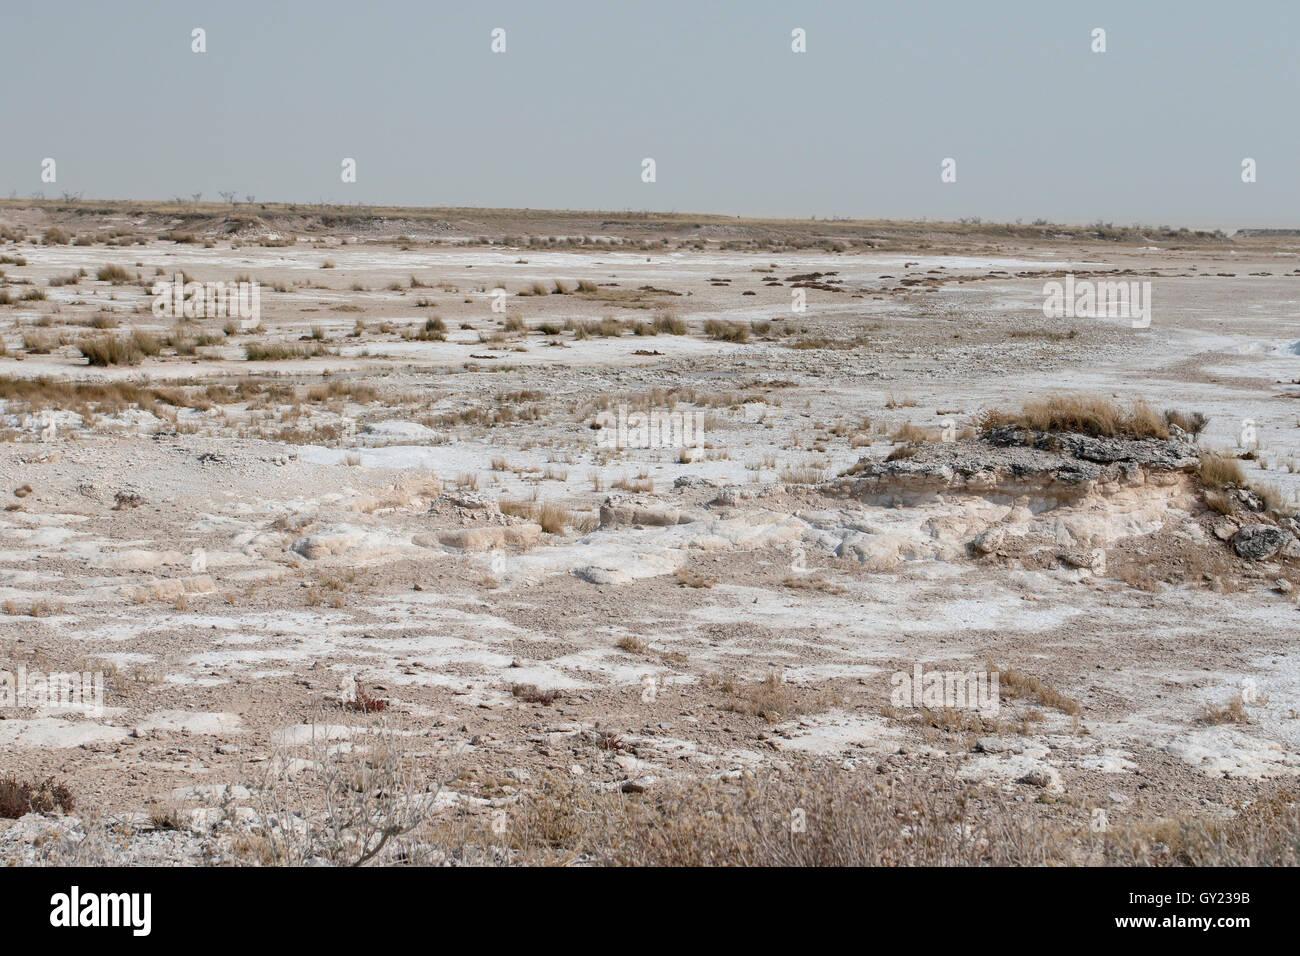 Etosha National Park, Namibia, August 2016 - Stock Image